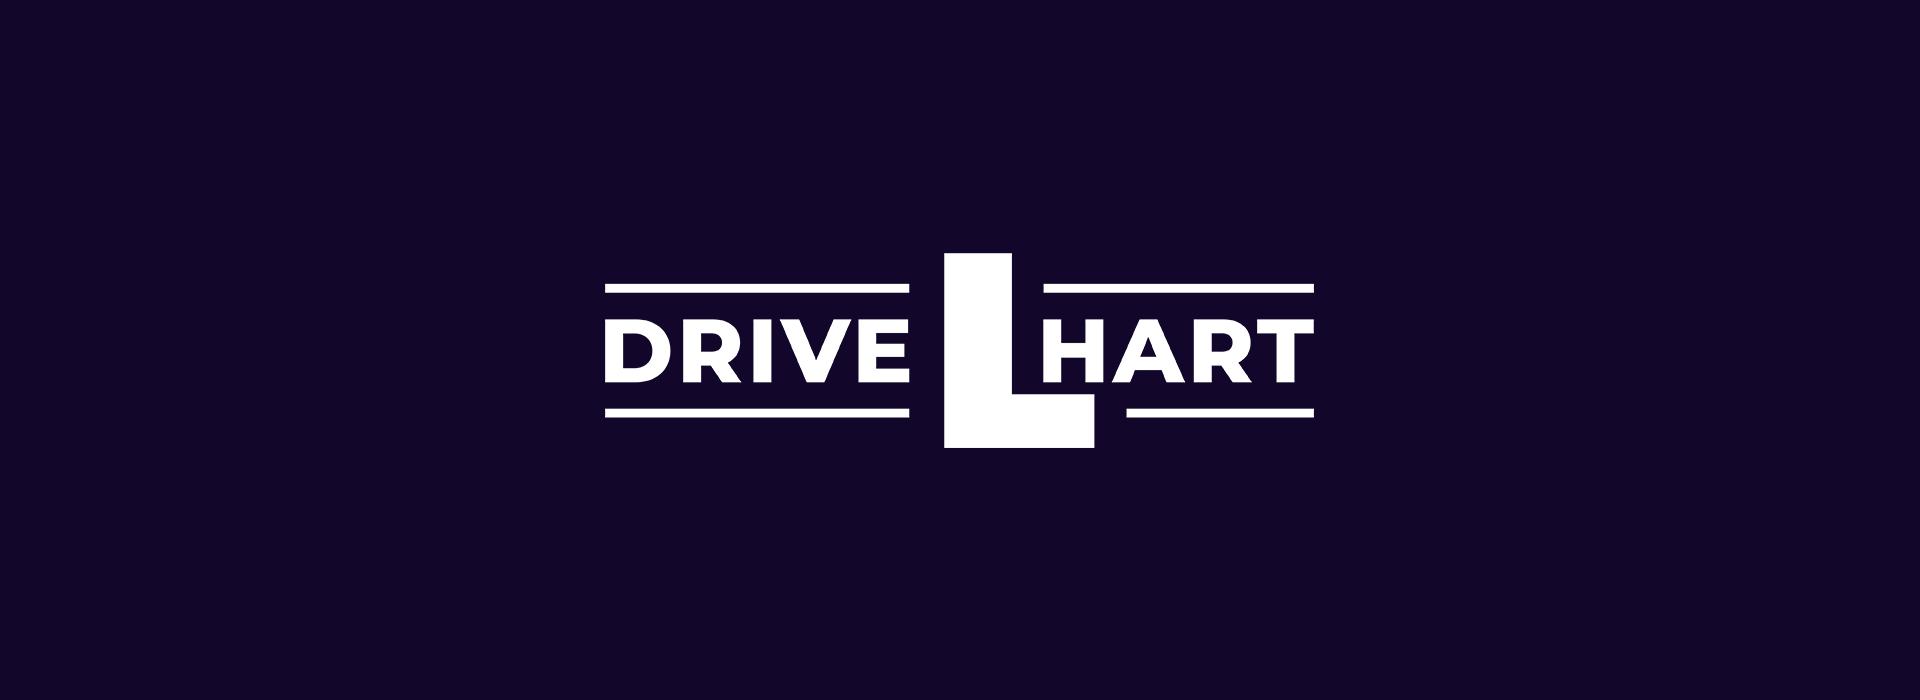 Drive Hart logo